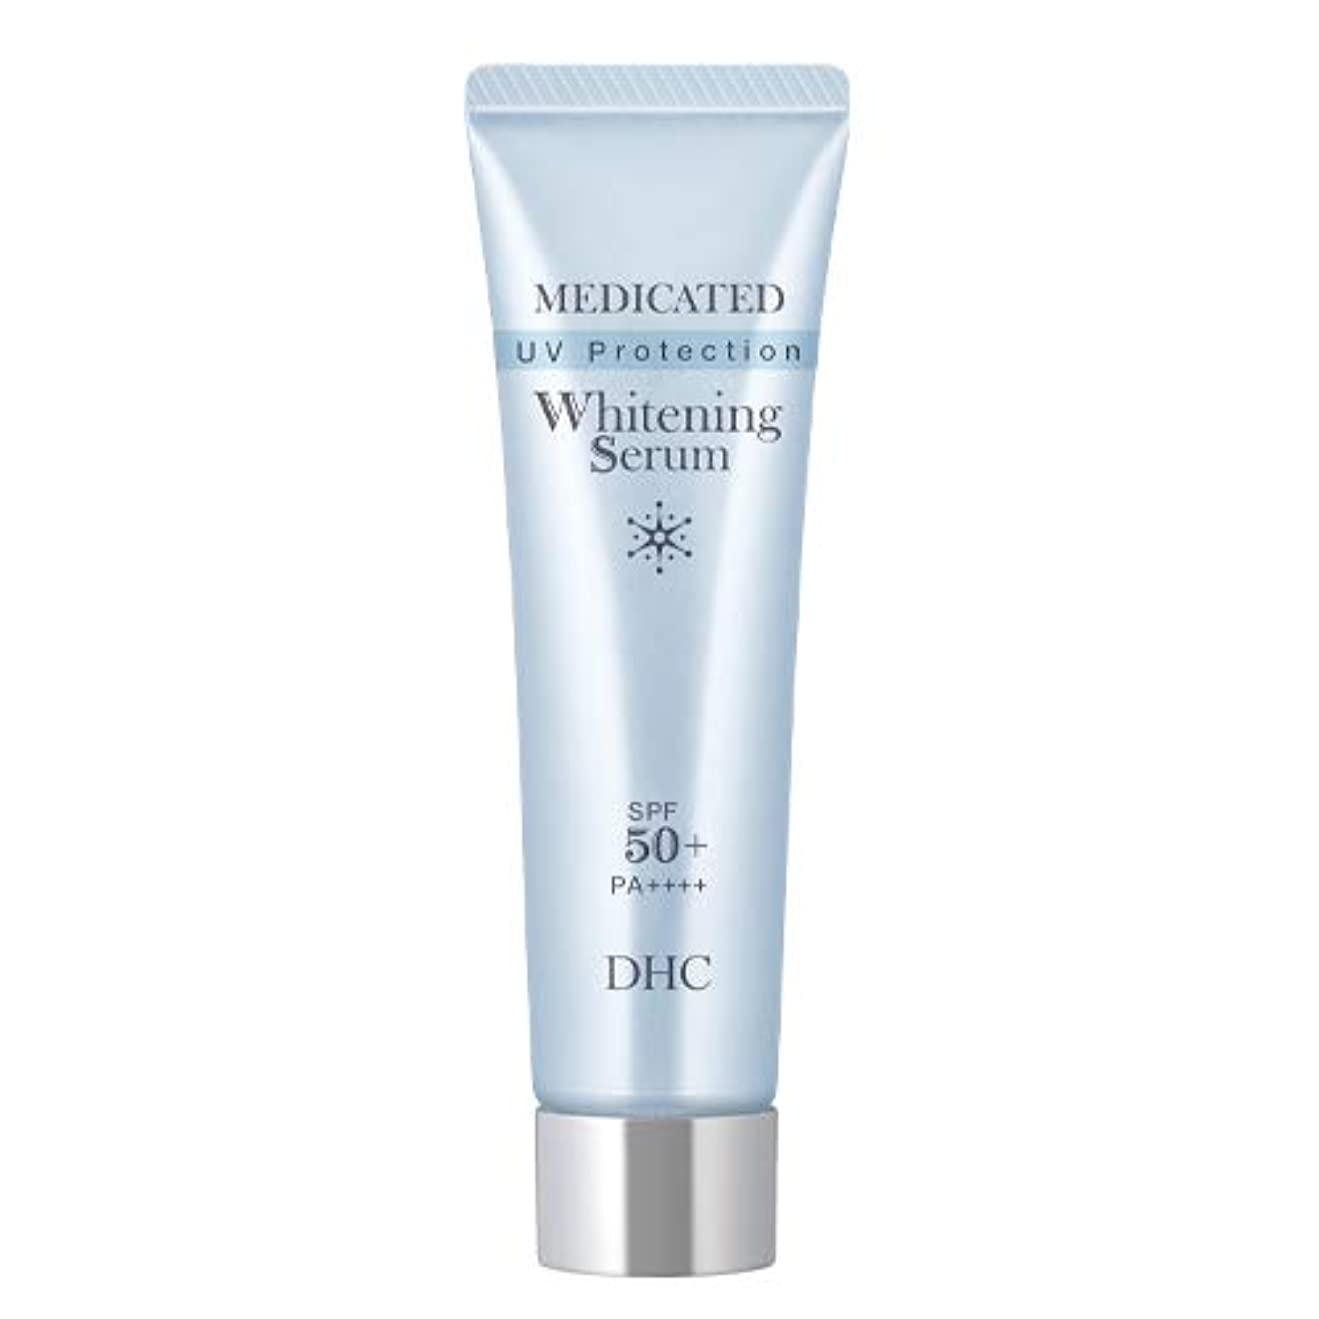 物足りない廃棄する玉DHC薬用ホワイトニングセラム UV